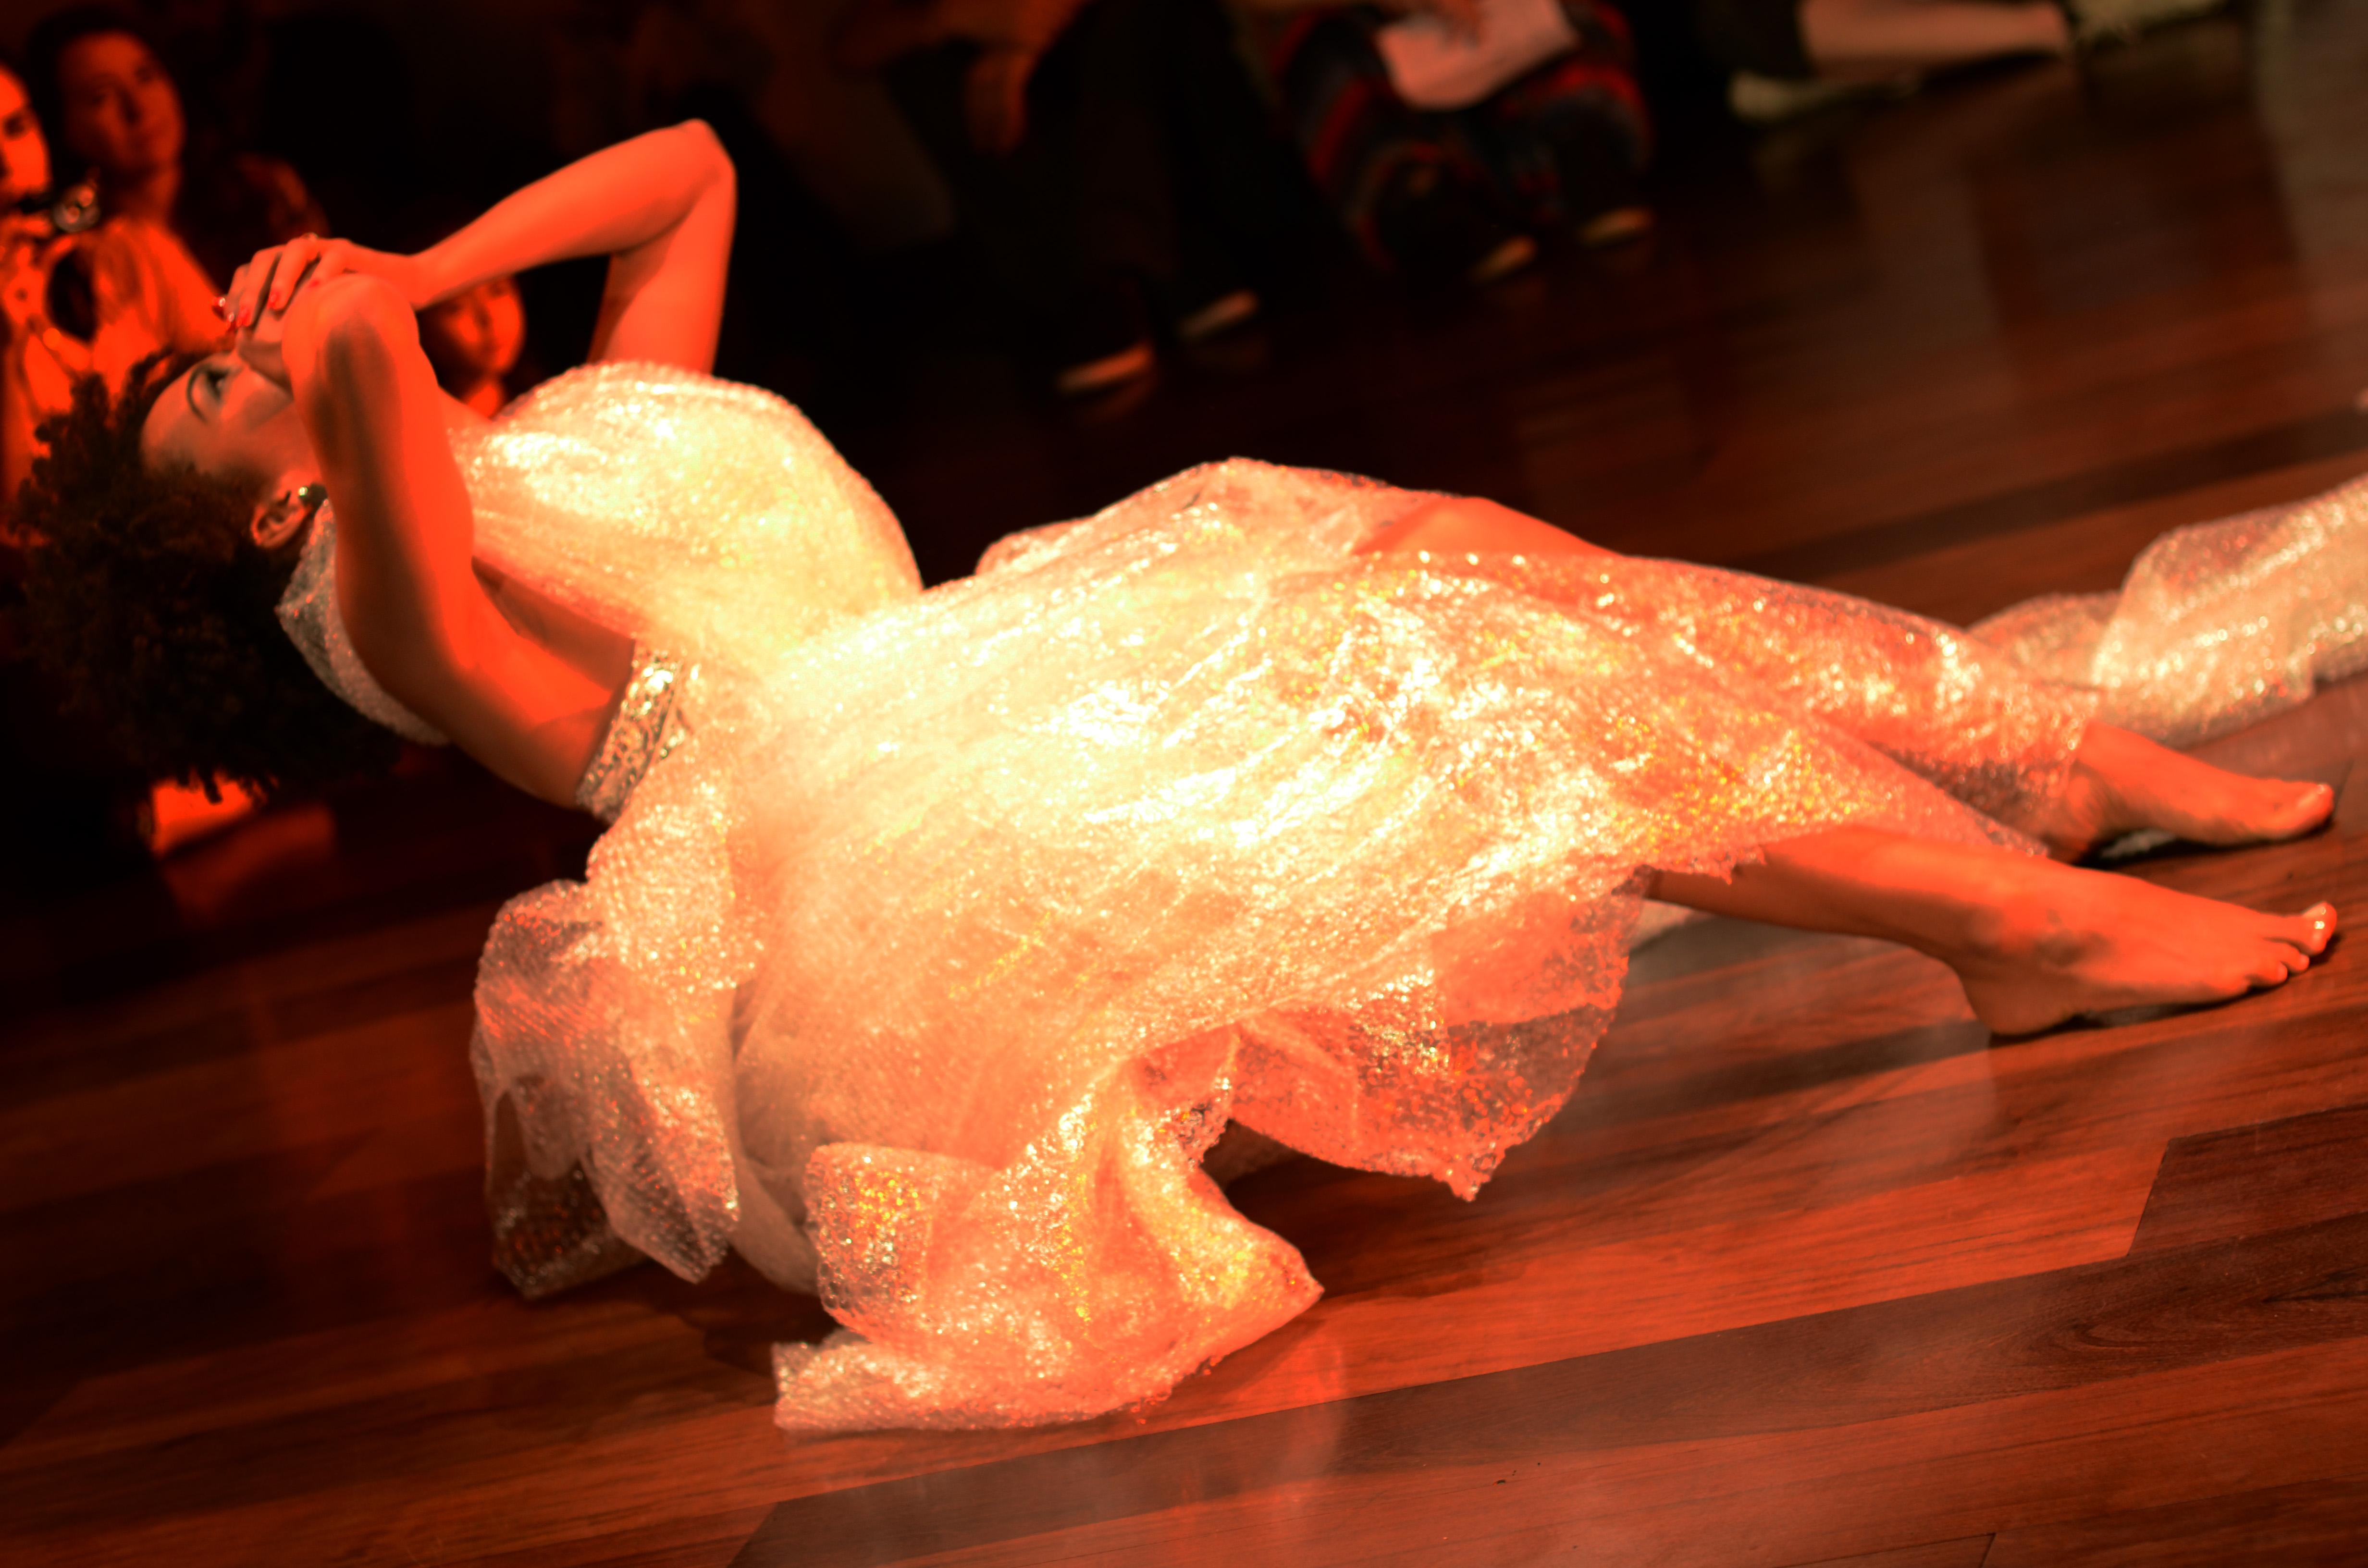 Mostra Angel Vianna, Julho de 2013